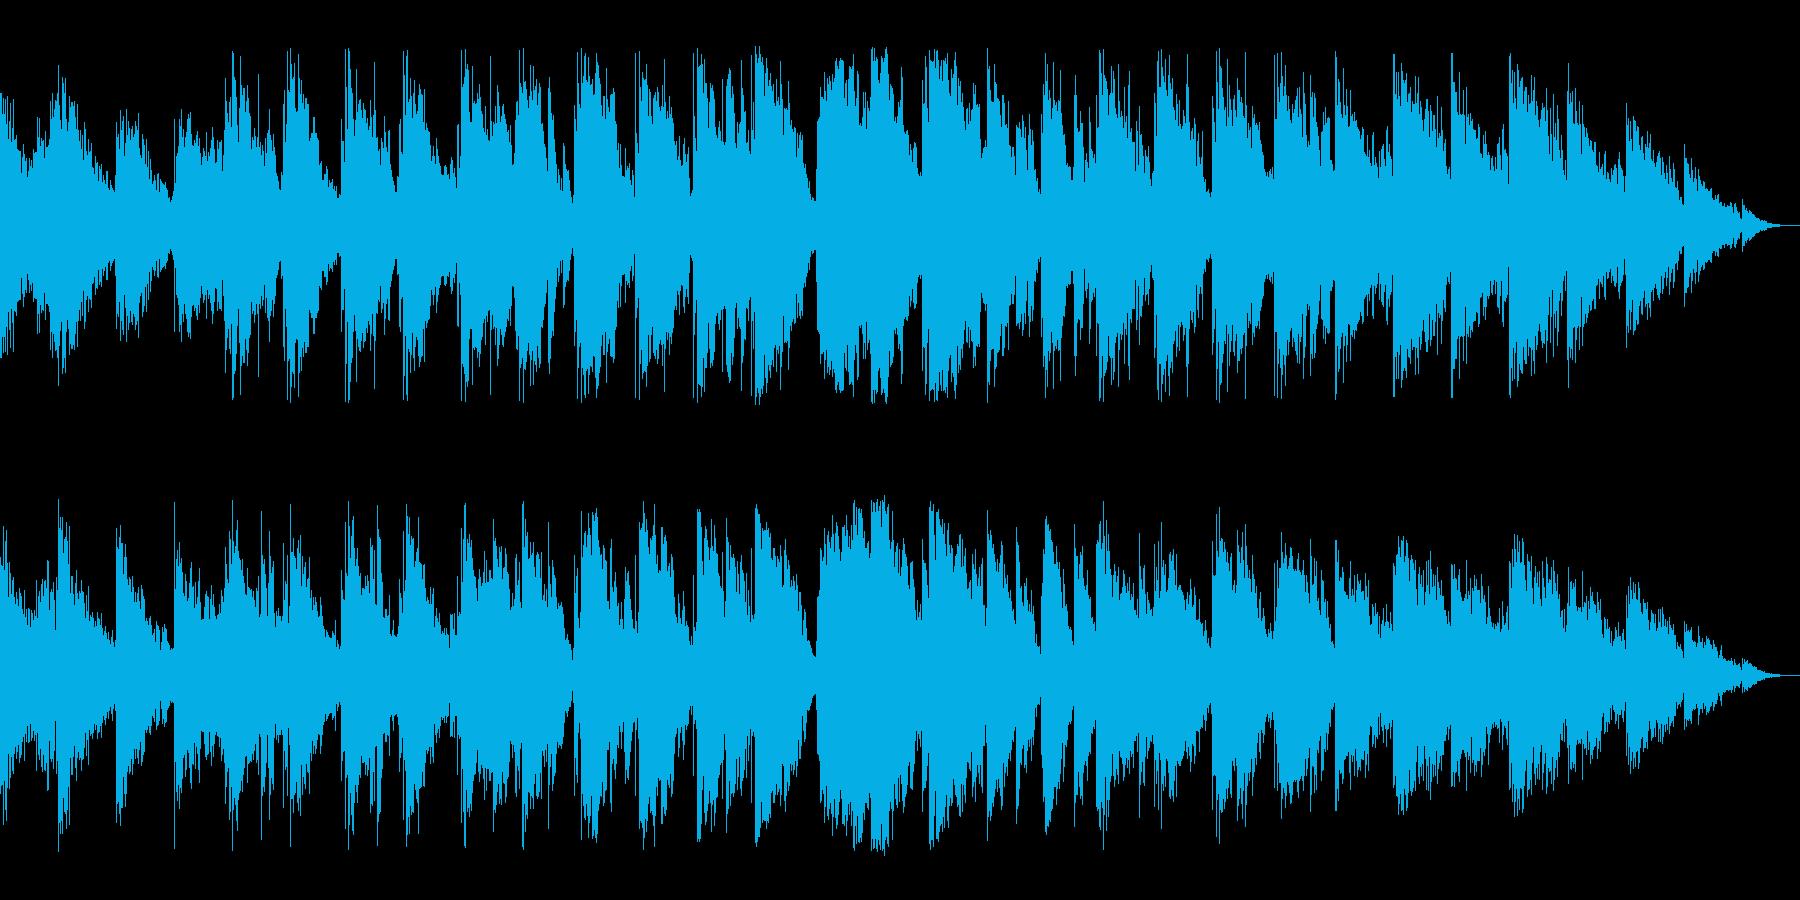 【ピアノ】ドキュメンタリー映像企業向けの再生済みの波形